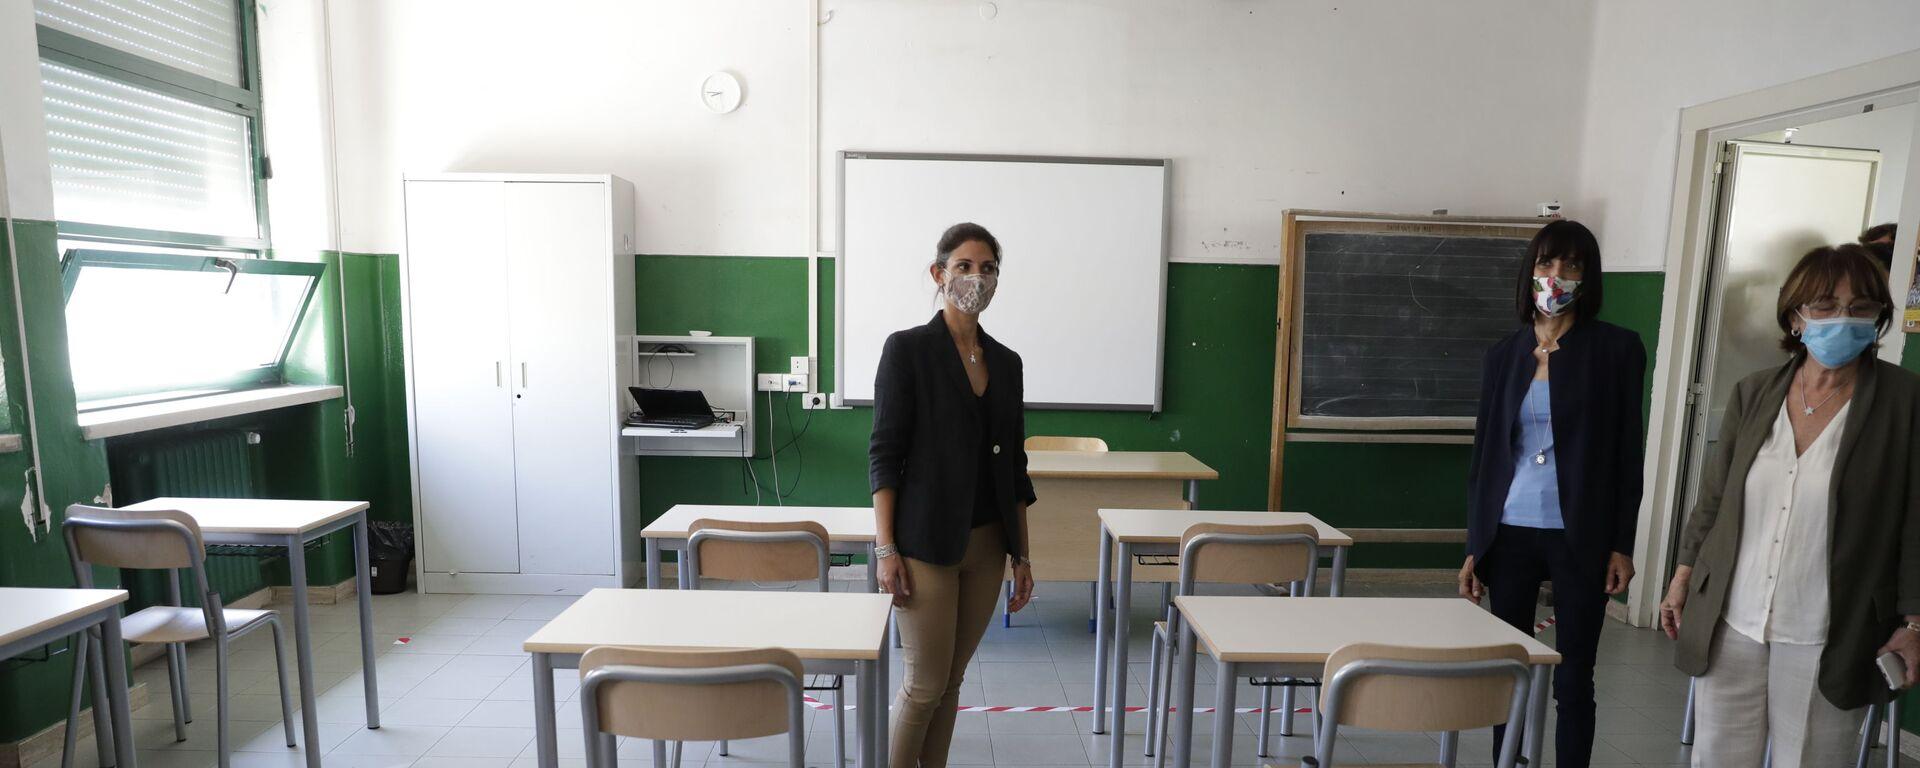 Virginia Raggi a scuola a Roma prima dell'inizio dell'anno scolastico - Sputnik Italia, 1920, 09.09.2021